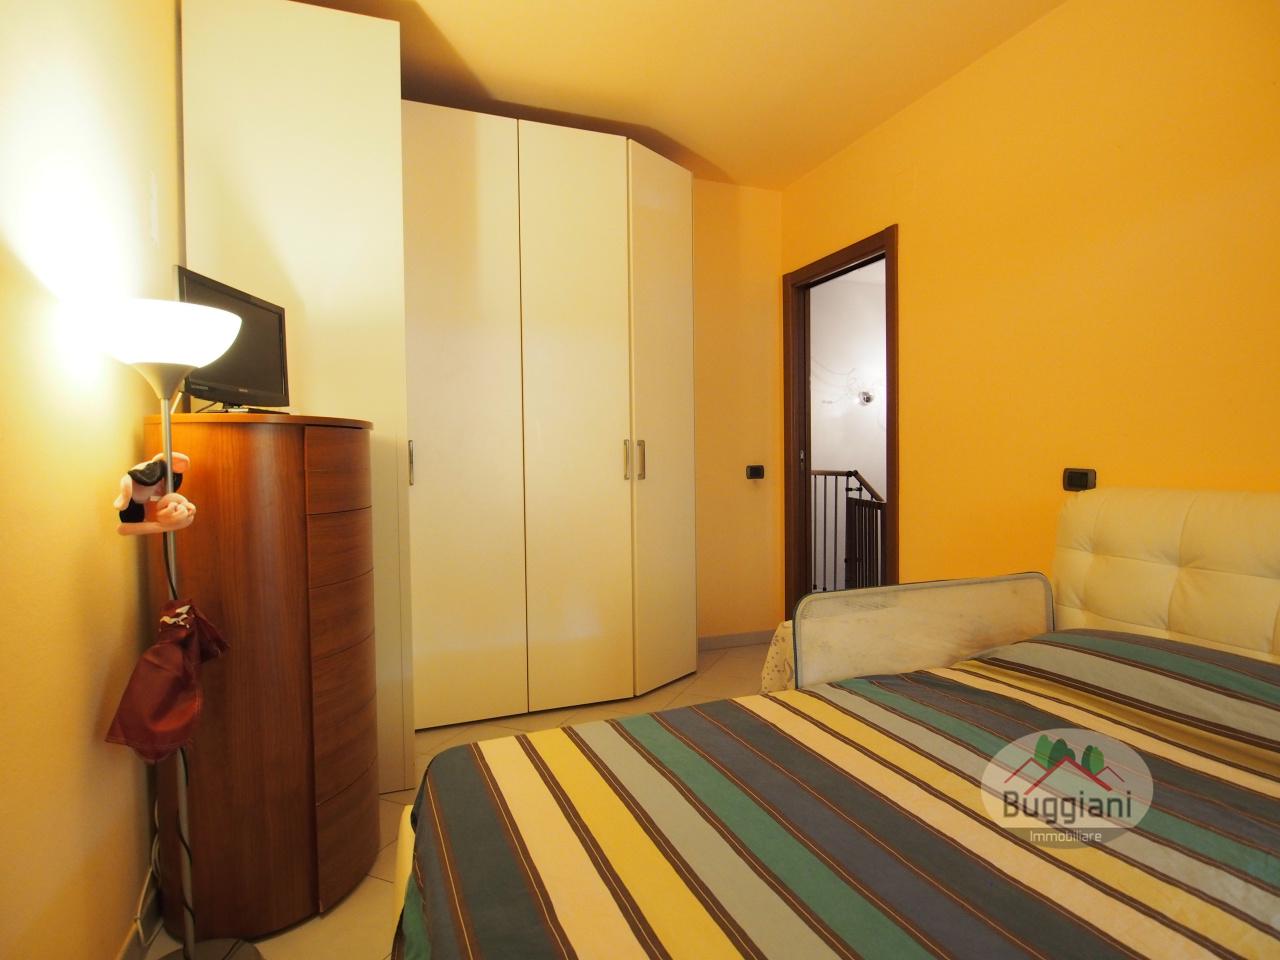 Appartamento in vendita RIF. 1589, San Miniato (PI)